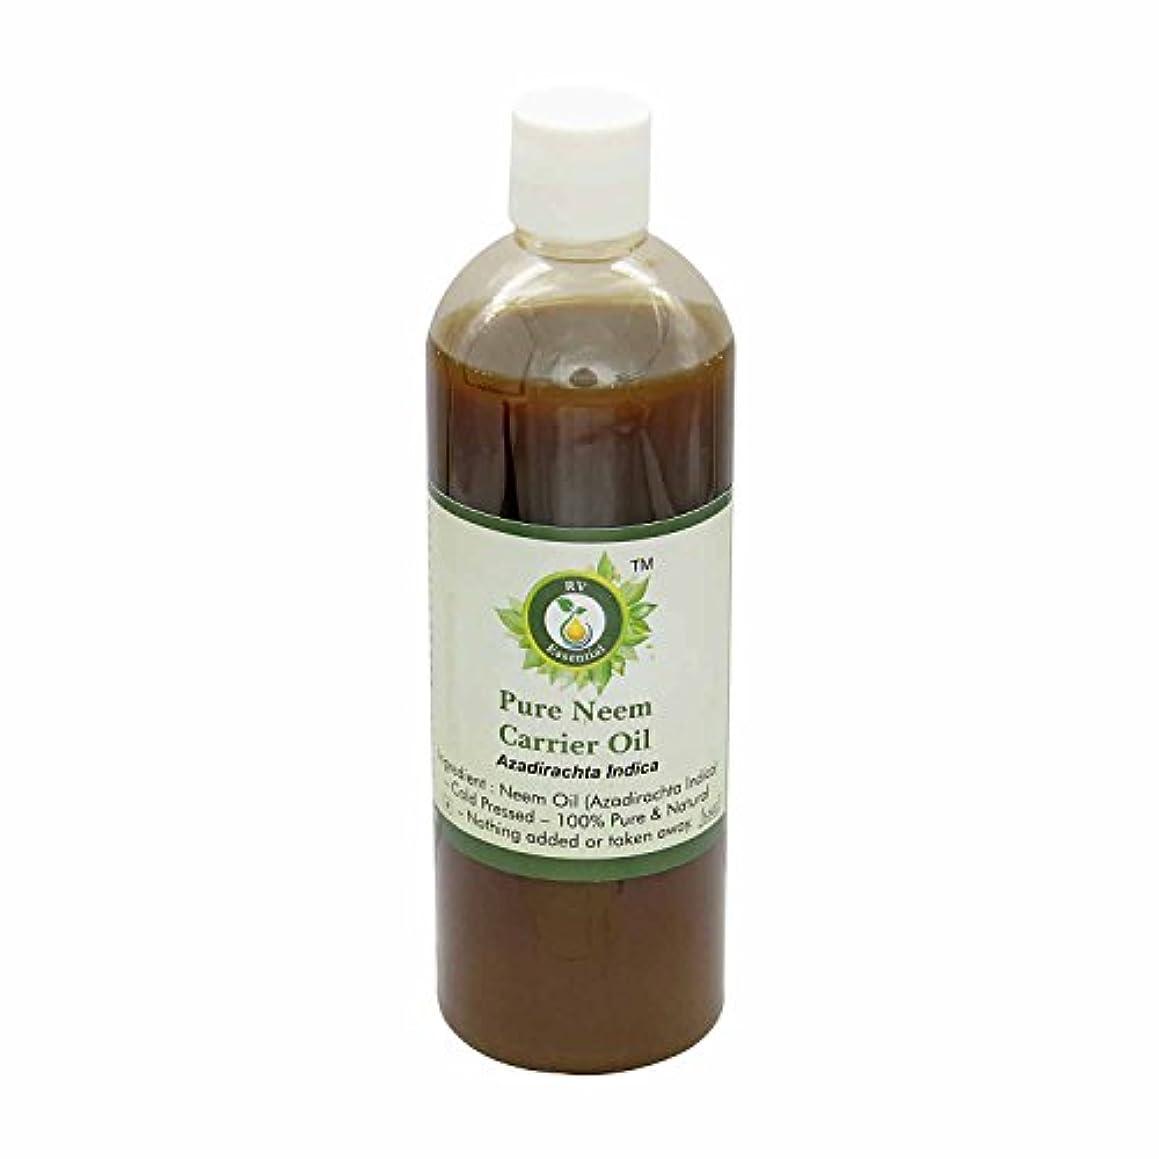 買い物に行く衣装立場R V Essential 純Neemキャリアオイル100ml (3.38oz)- Azadirachta Indica (100%ピュア&ナチュラルコールドPressed) Pure Neem Carrier Oil